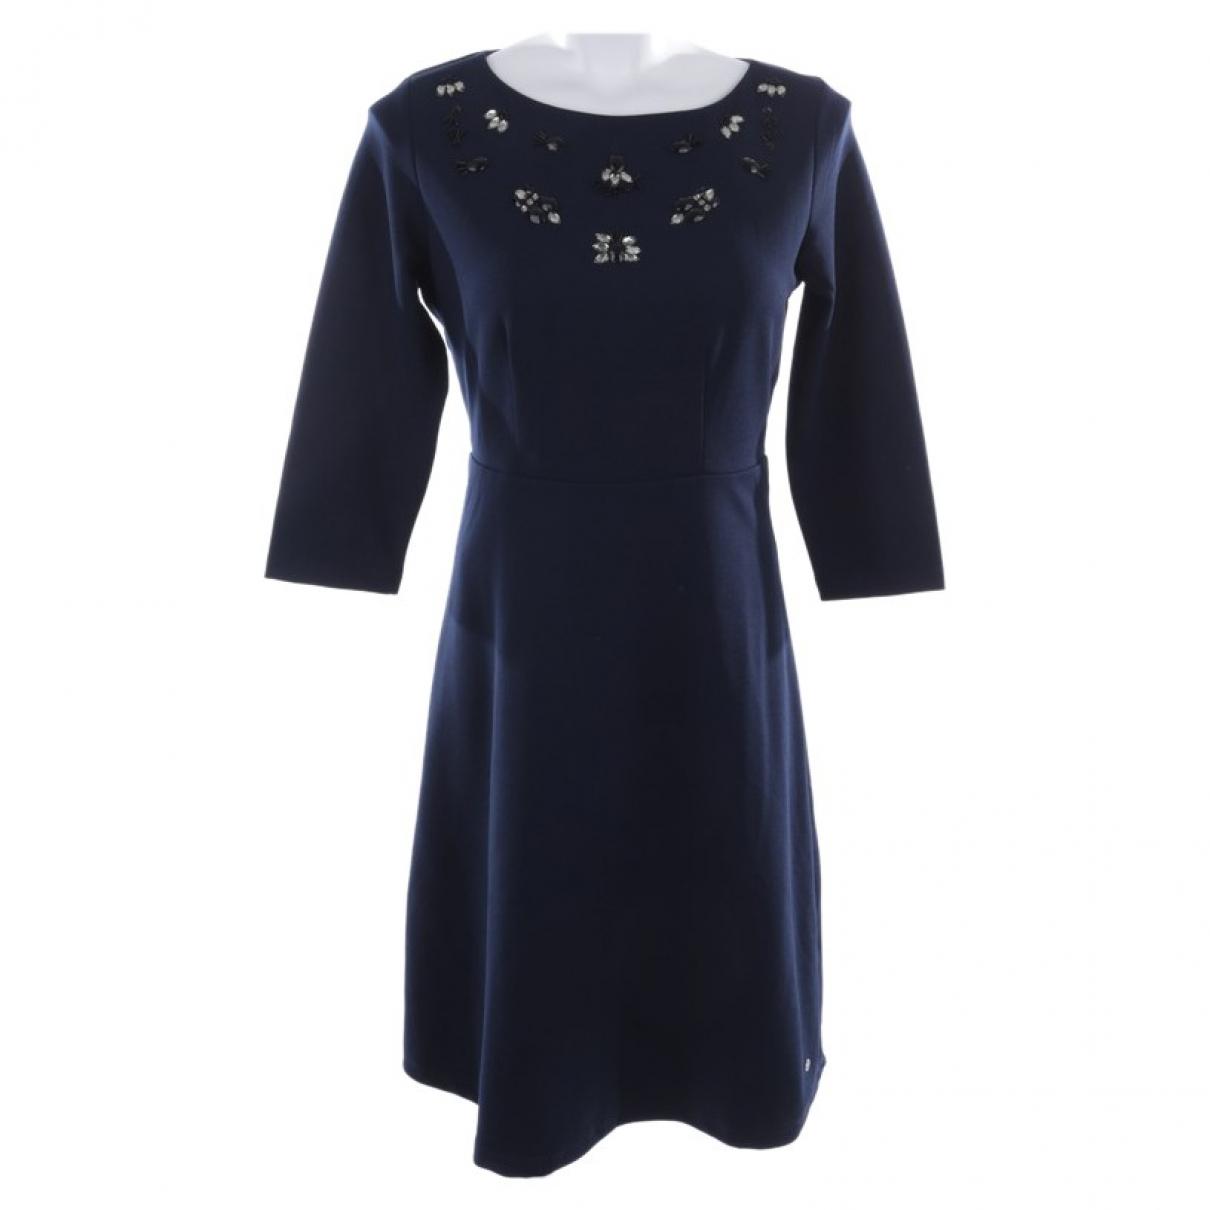 Guido Maria Kretschmer \N Blue dress for Women 36 FR